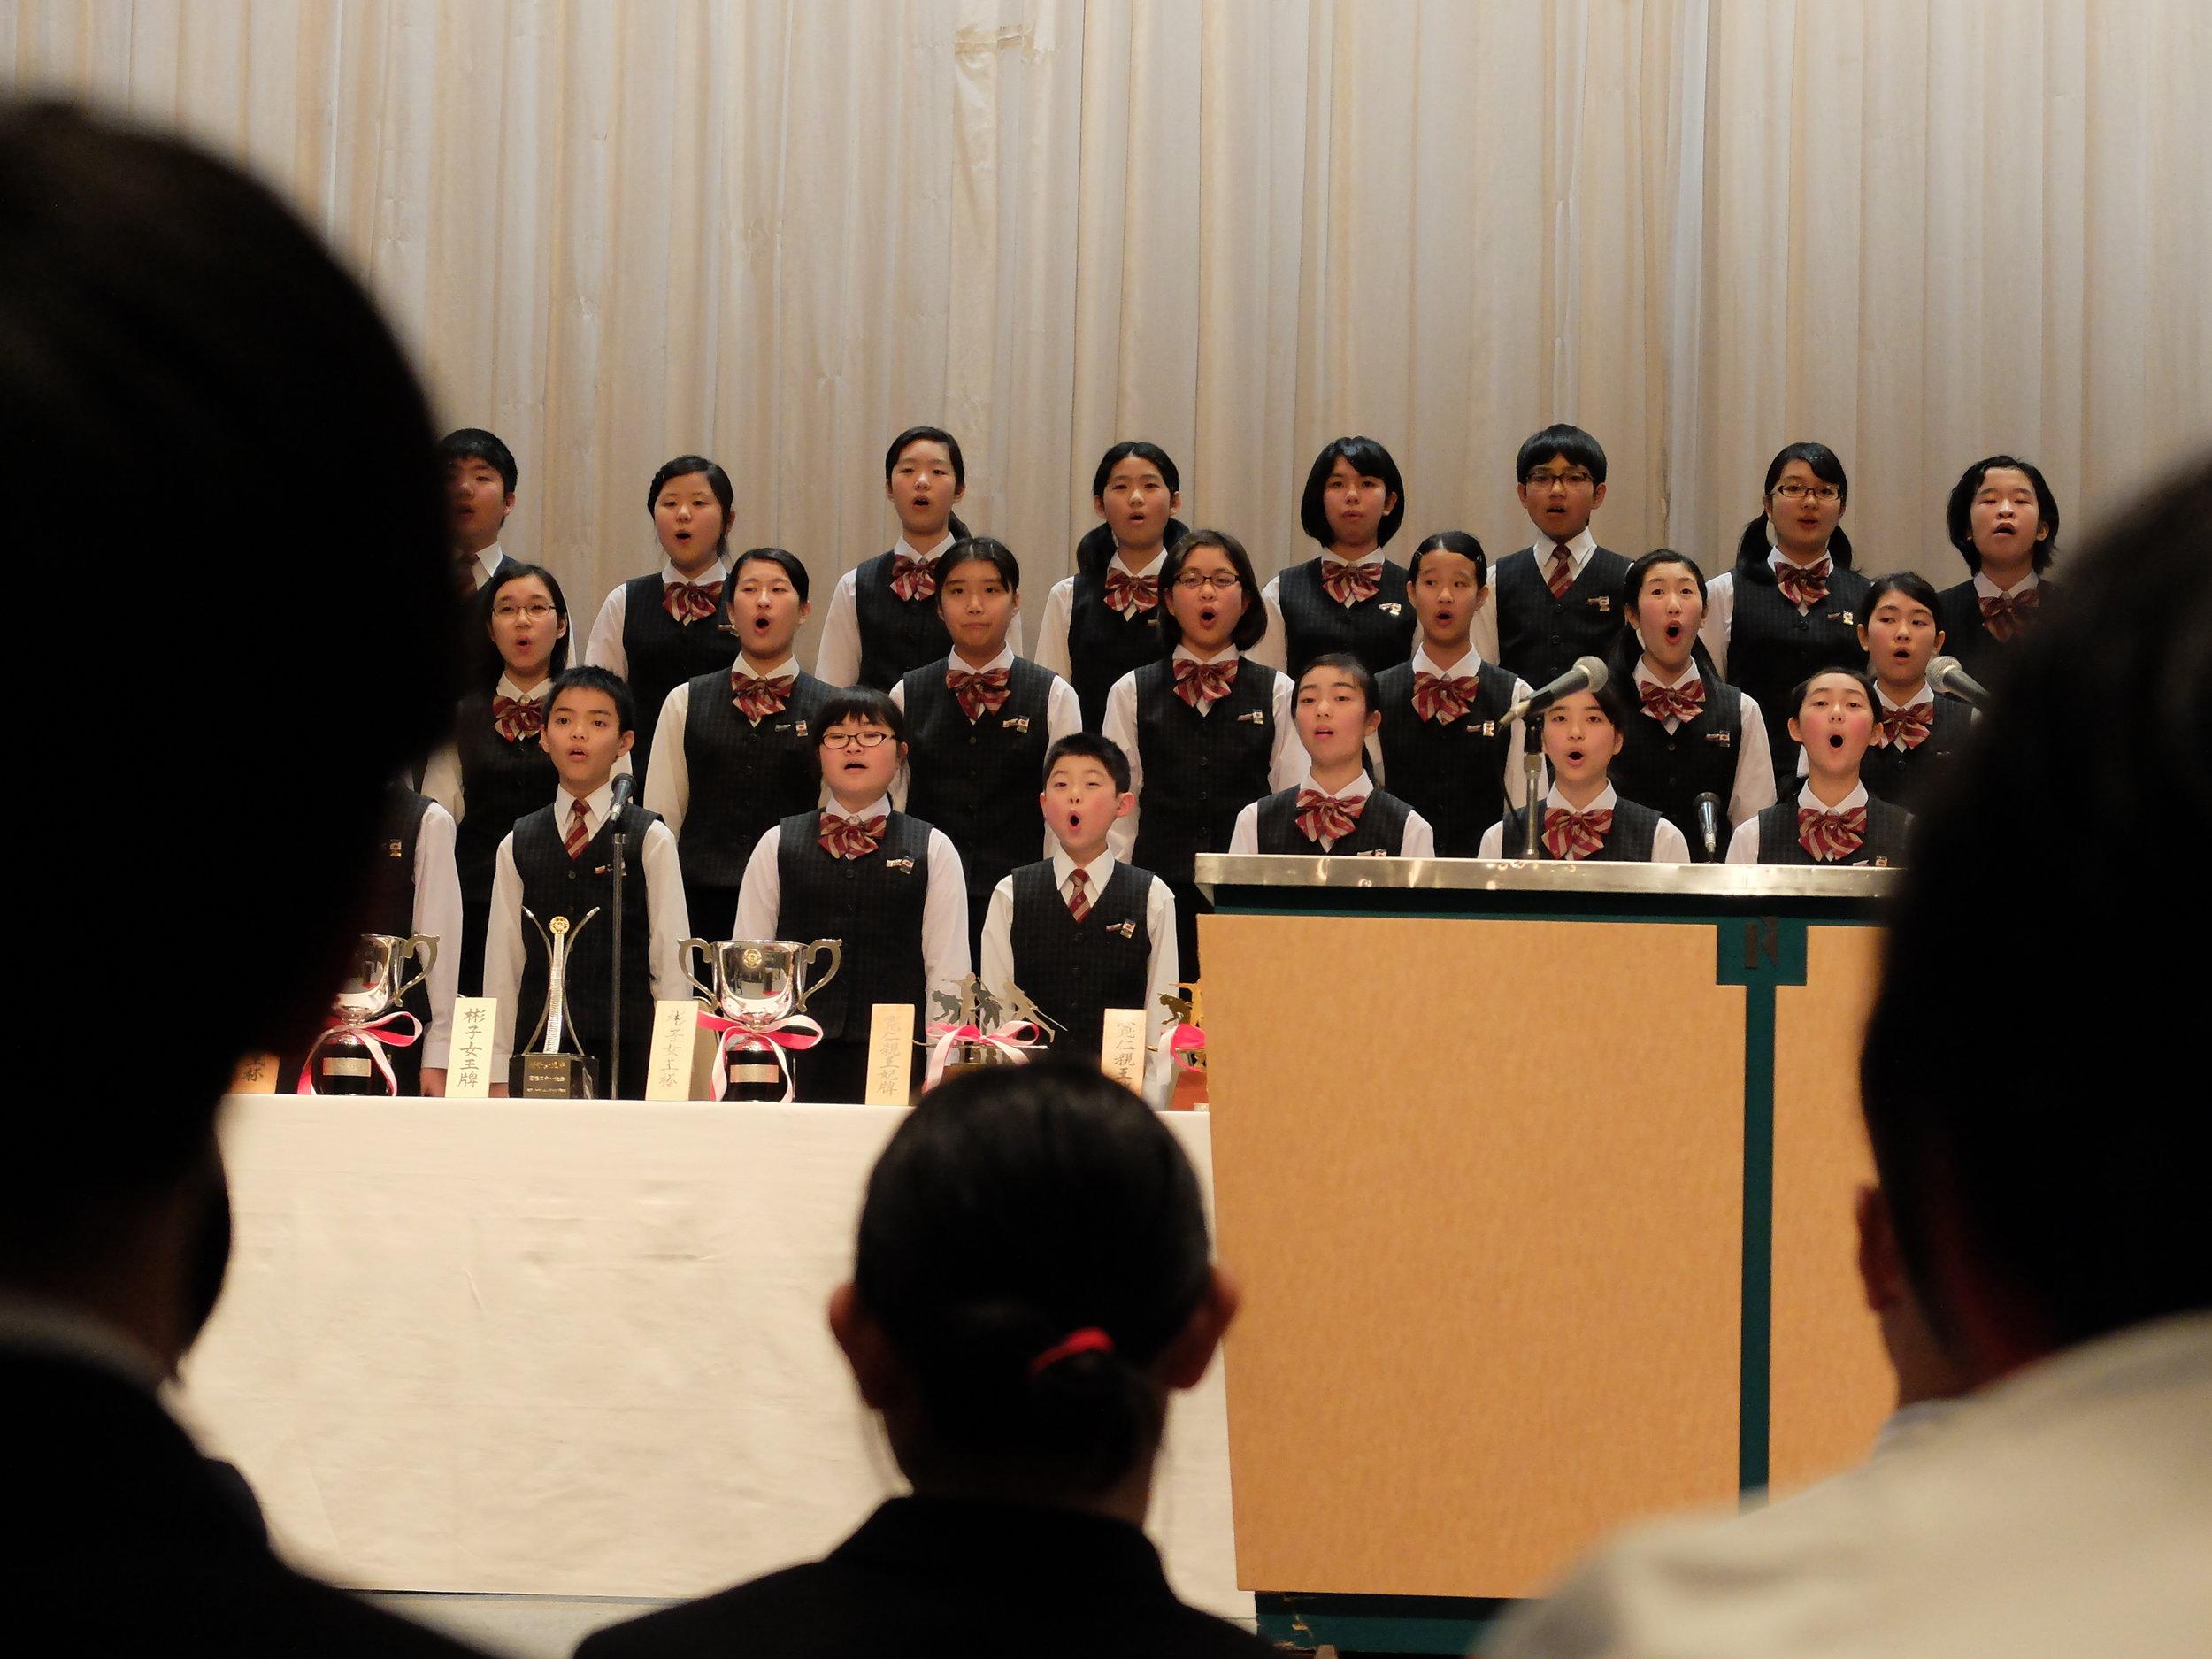 Prisutdelning för tävlingarna samt för massa andra idrotter då det var en massa tävlingar denna vecka i Sapporo (Miyasama Ski Games). Var intressant att se skillnaden mot europa och Sverige med kultur och hur alla människor beter sig. Dessutom var den Japanska imperial family där vilket var spännande